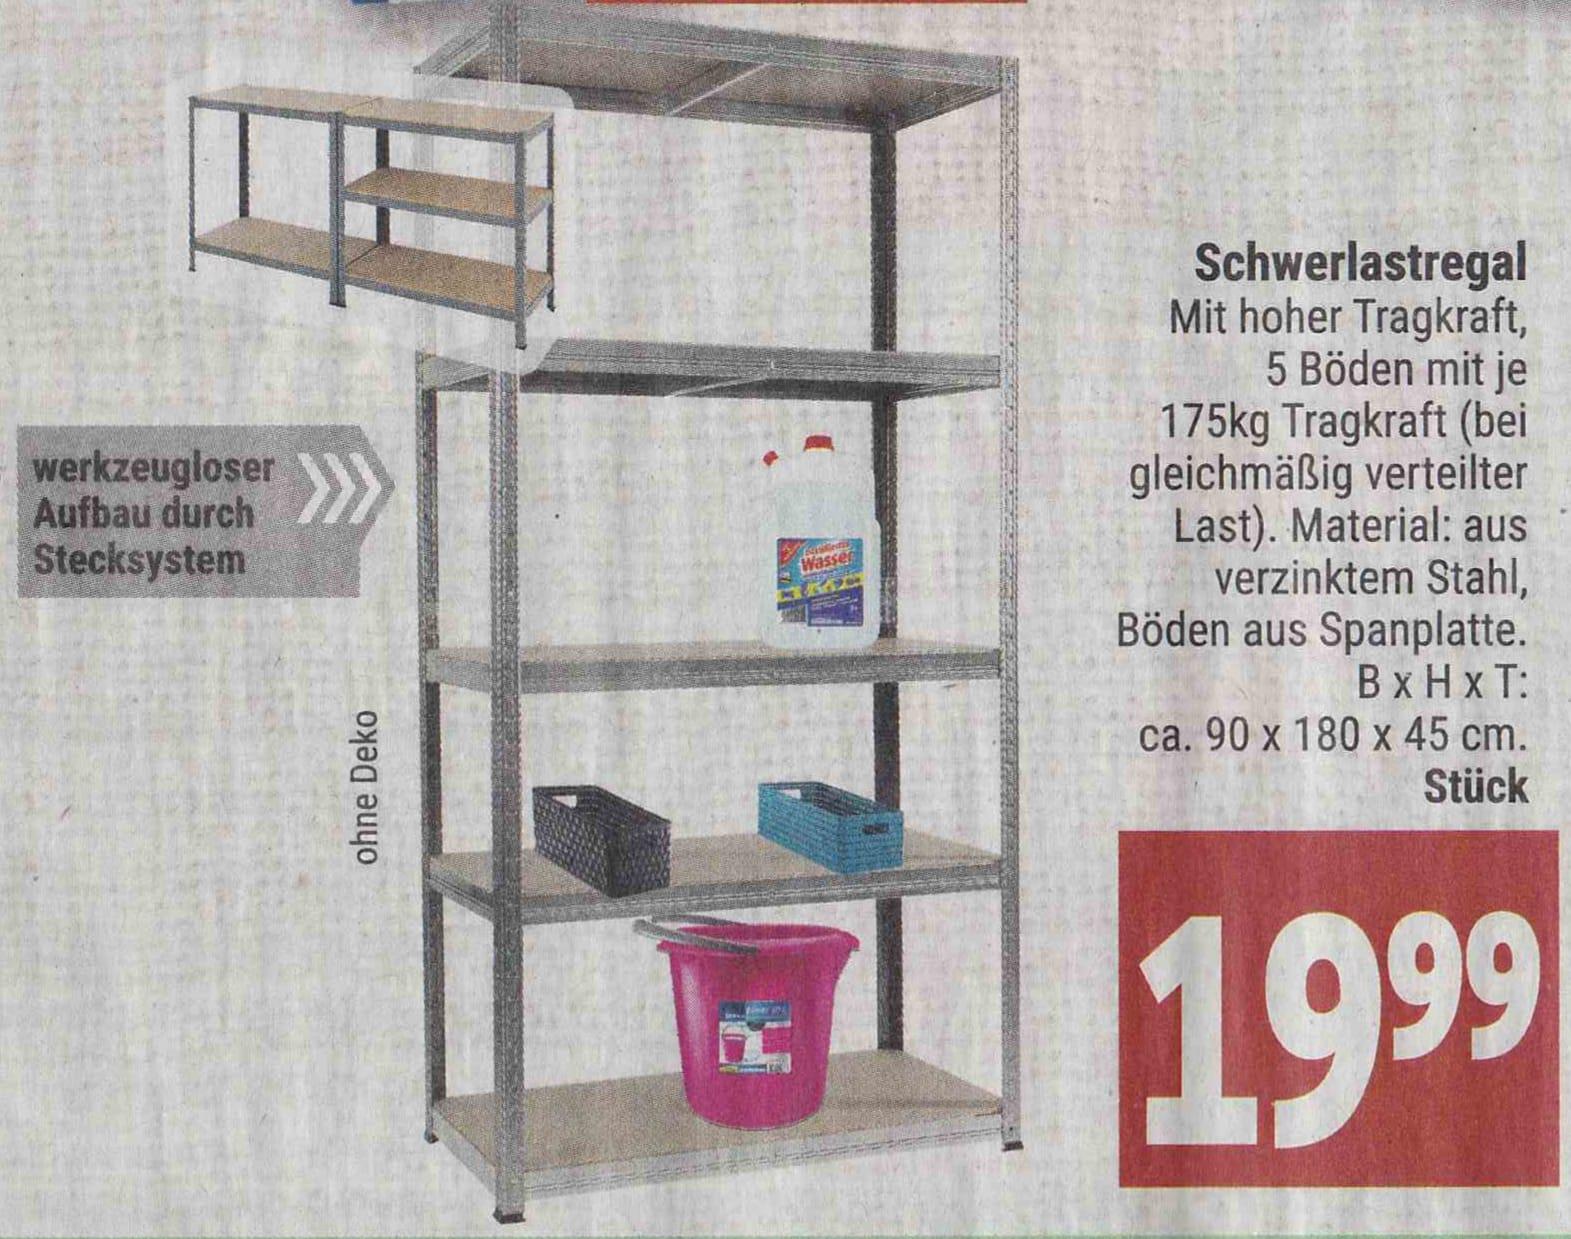 [Lokal Marktkauf Minden-Hannover] Schwerlastregal, 90x180x45cm, 5 Böden ja 175kg Tragkraft